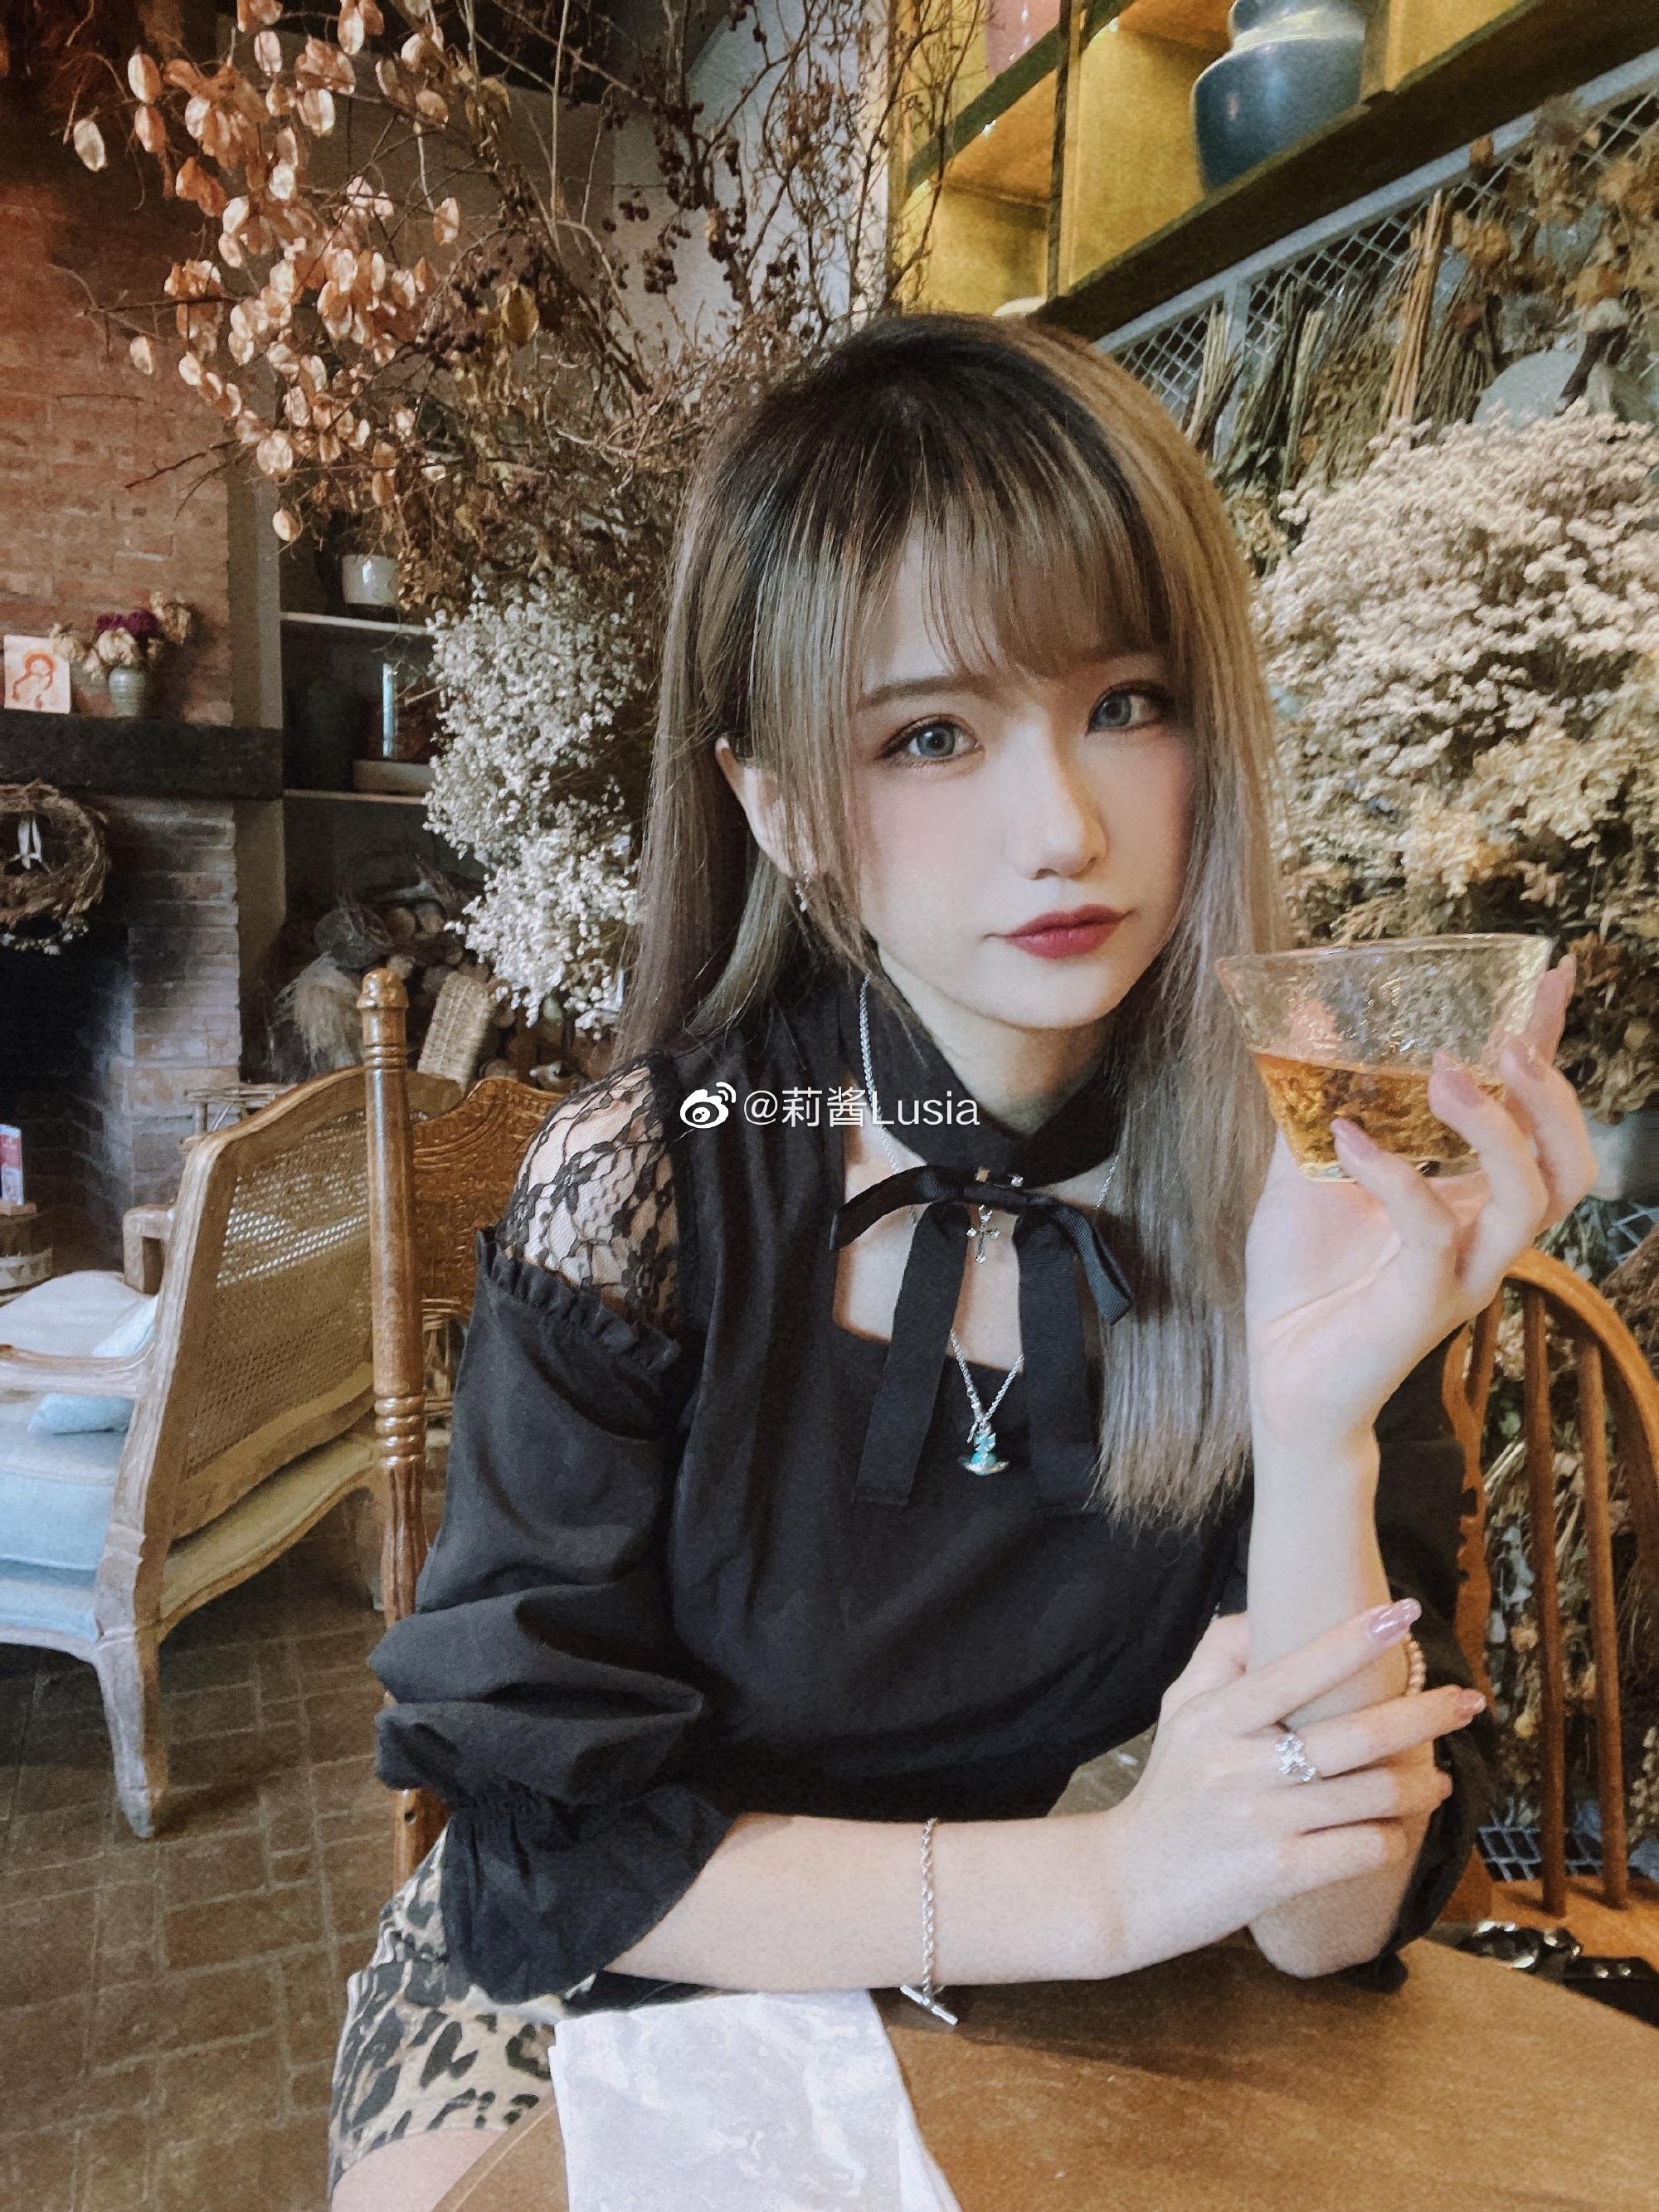 莉酱Lusia个人资料介绍